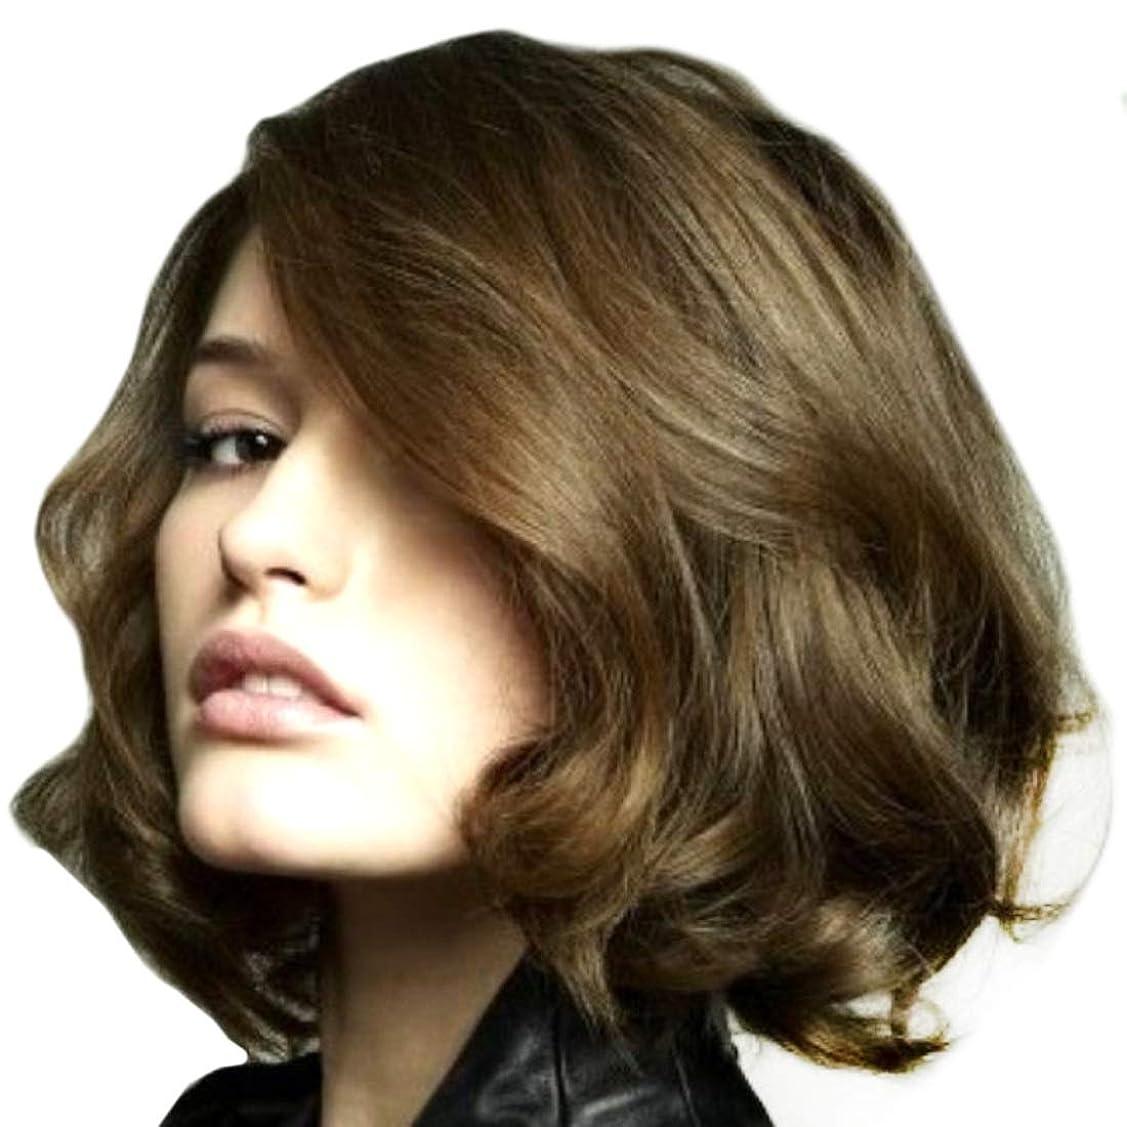 突破口泥棒くびれたSummerys 女性のための短い巻き毛の斜め前髪化学繊維高温ワイヤーをかつら